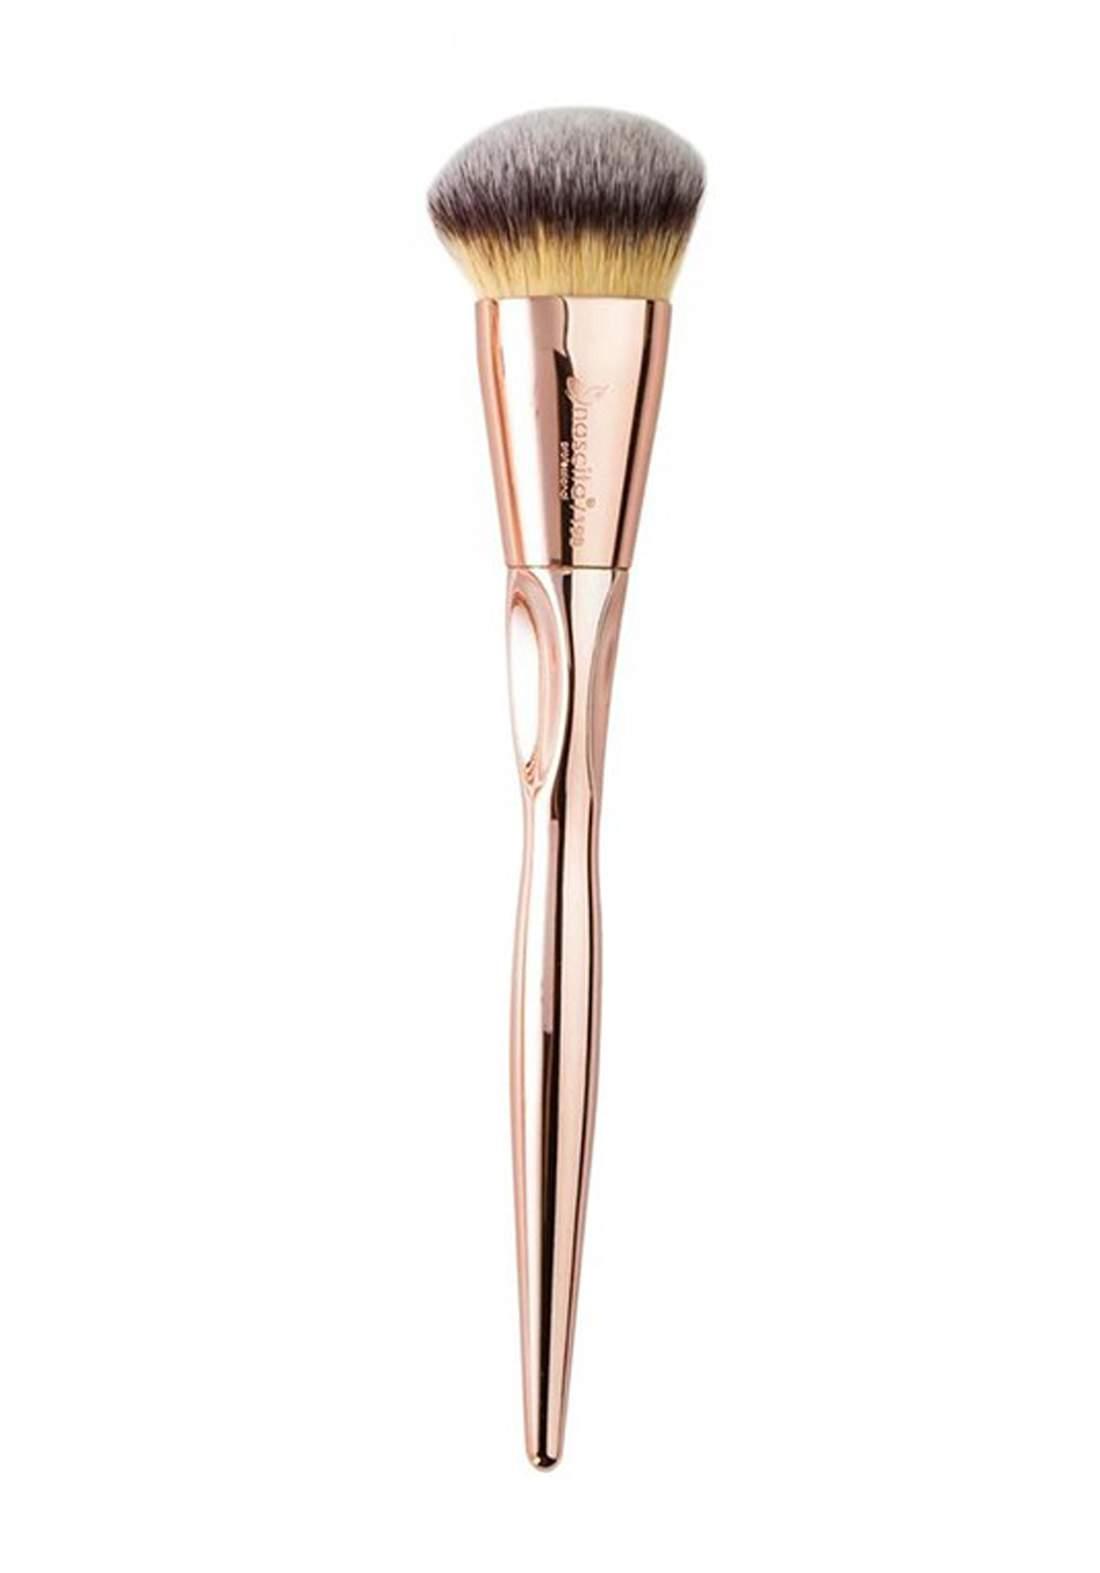 Nascita 0198 Bronzy Glow Contour Brush  فرشاة كونتور